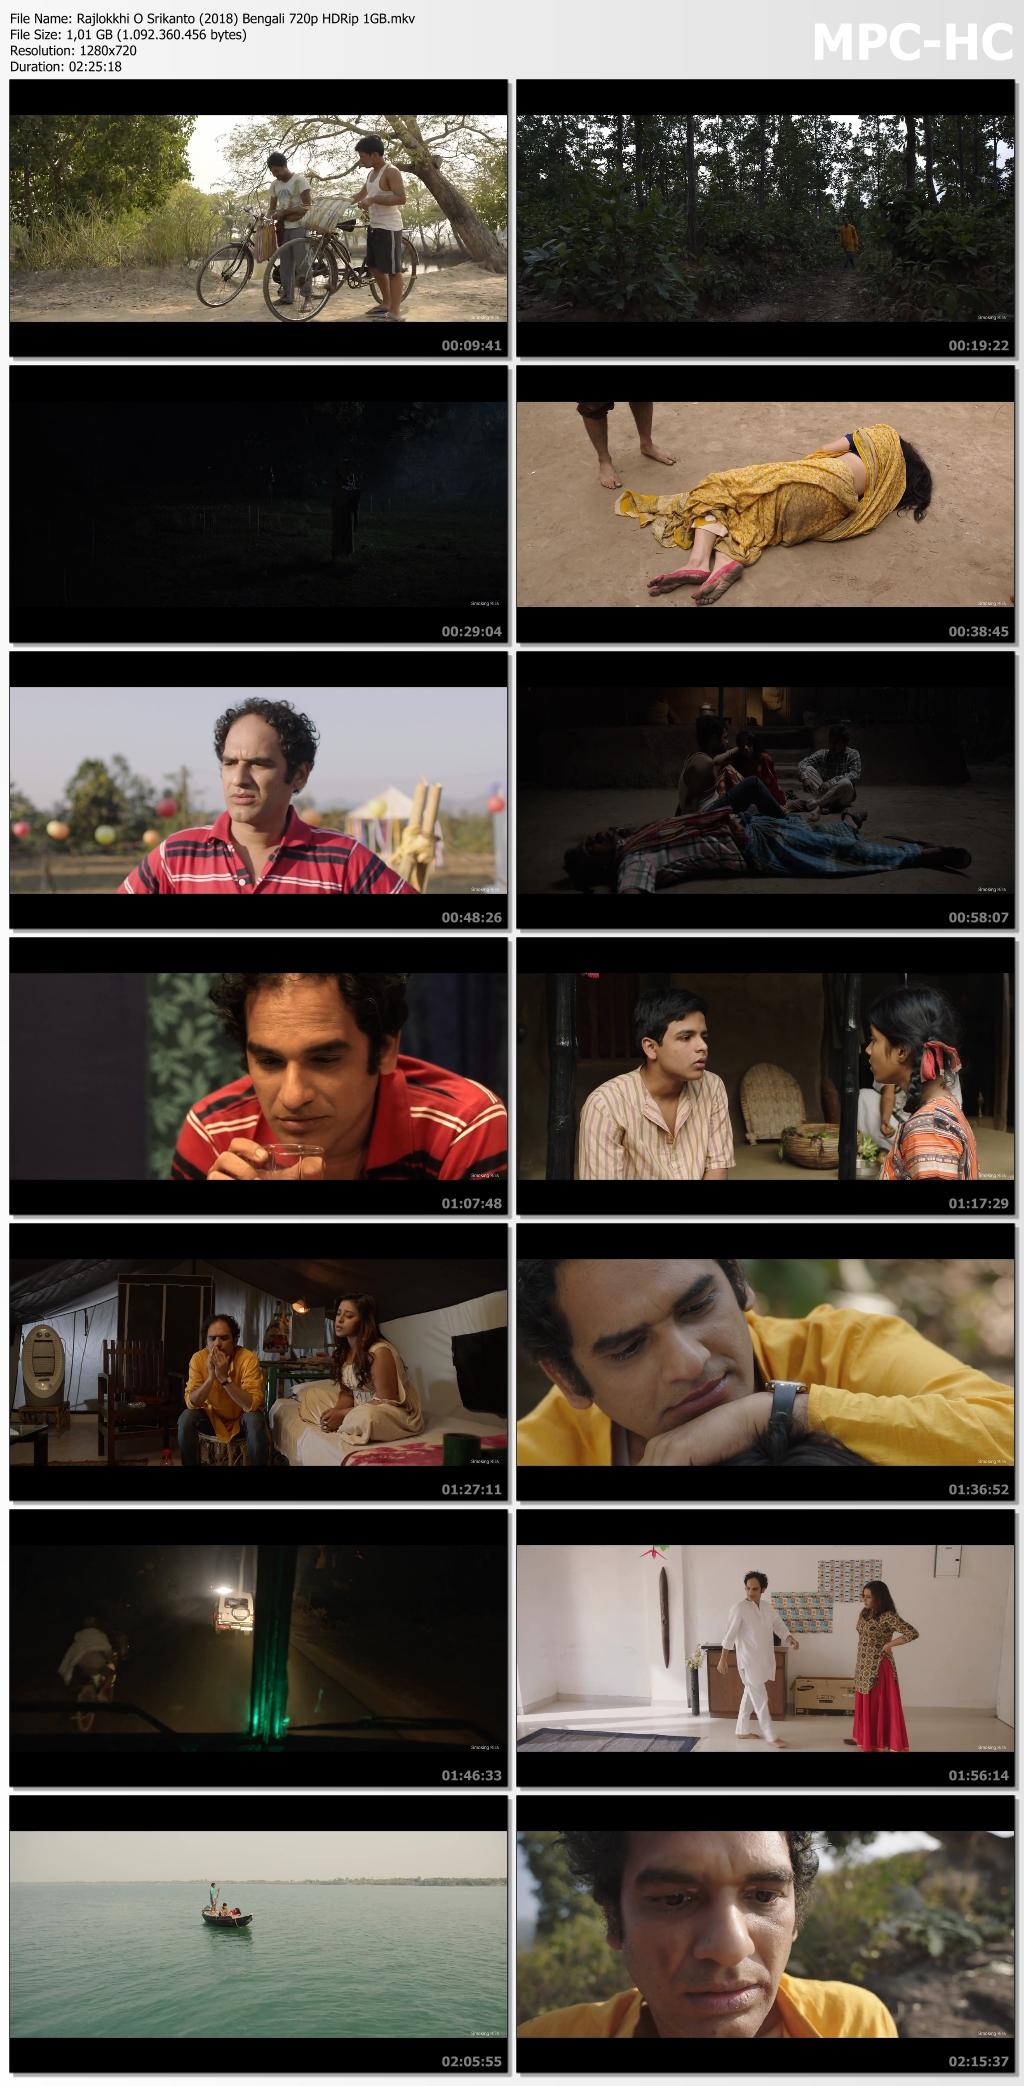 Rajlokkhi-O-Srikanto-2018-Bengali-720p-HDRip-1-GB-mkv-thumbs